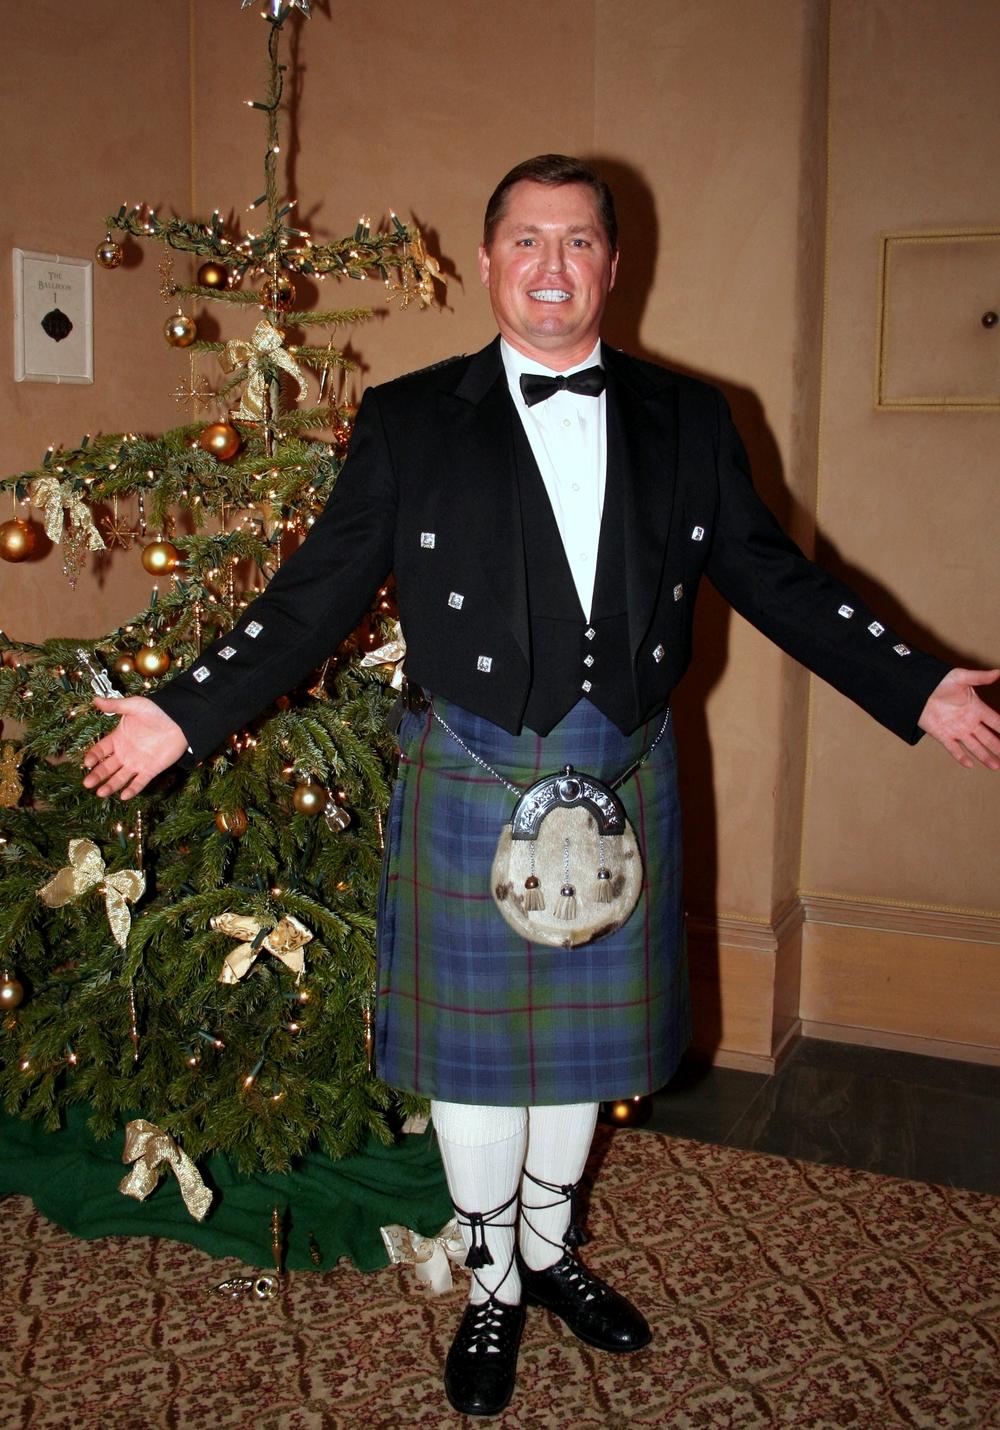 Member Awards Night in St Andrews